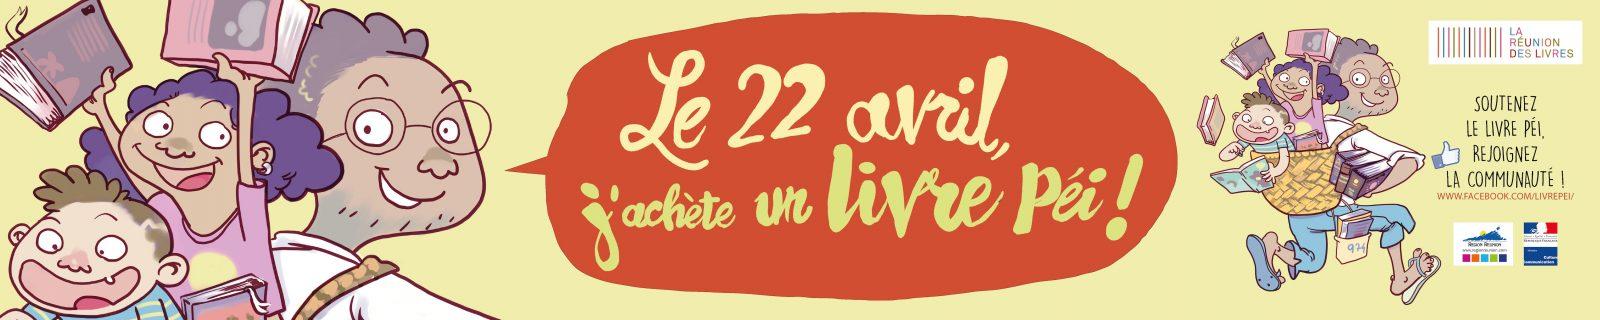 Le 22 avril, j'achète un livre pei ! 2017 - Dessin de Fabrice Urbatro